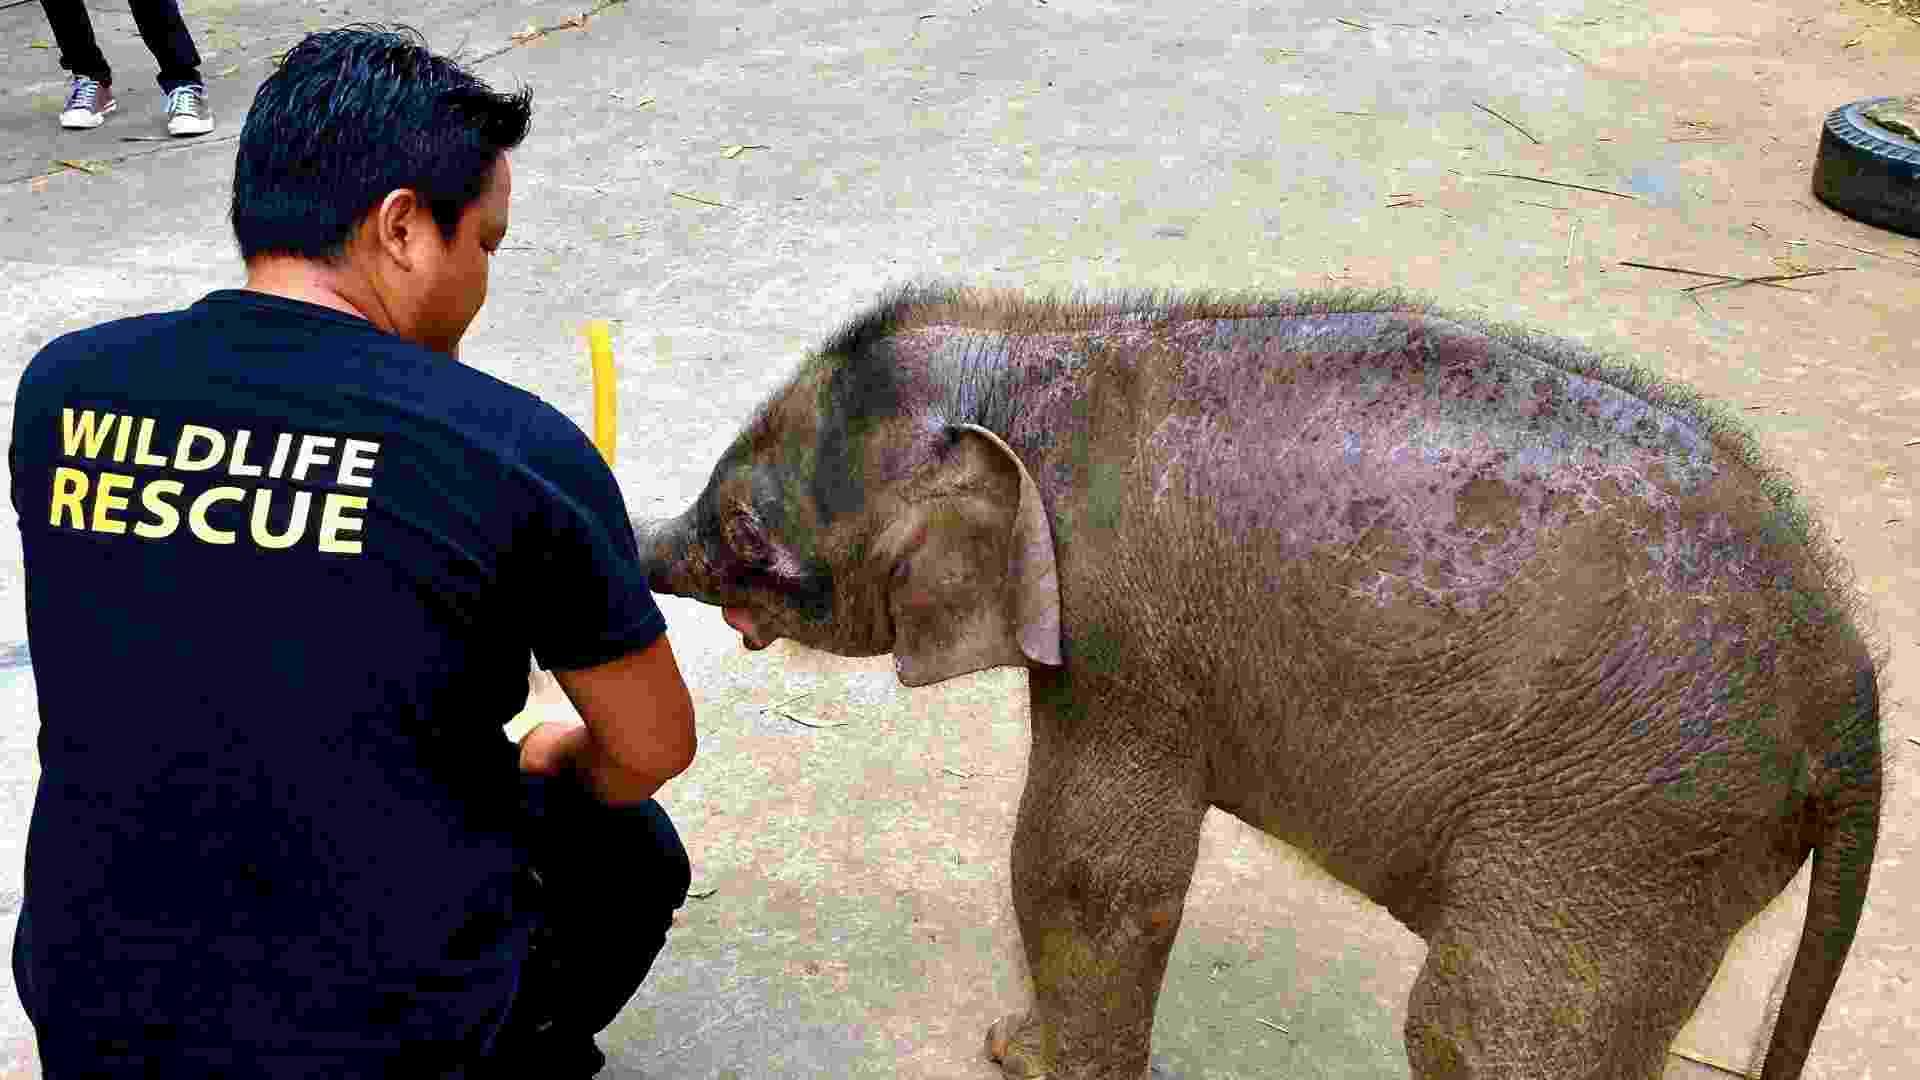 31.jan.2013 - Bebê de elefante-pigmeu-de-Bornéu, espécie ameaçada de extinção, é tratado no Zoológico Lok Kawi, em Kota Kinabalu, no Estado de Sabah, na Malásia. A mãe do filhote de três meses e outros 13 elefantes foram encontrados mortos, com suspeitas de envenenamento, na Reserva Florestal Gunung Rara, na ilha de Bornéu - Sabah Wildlife Department/AFP